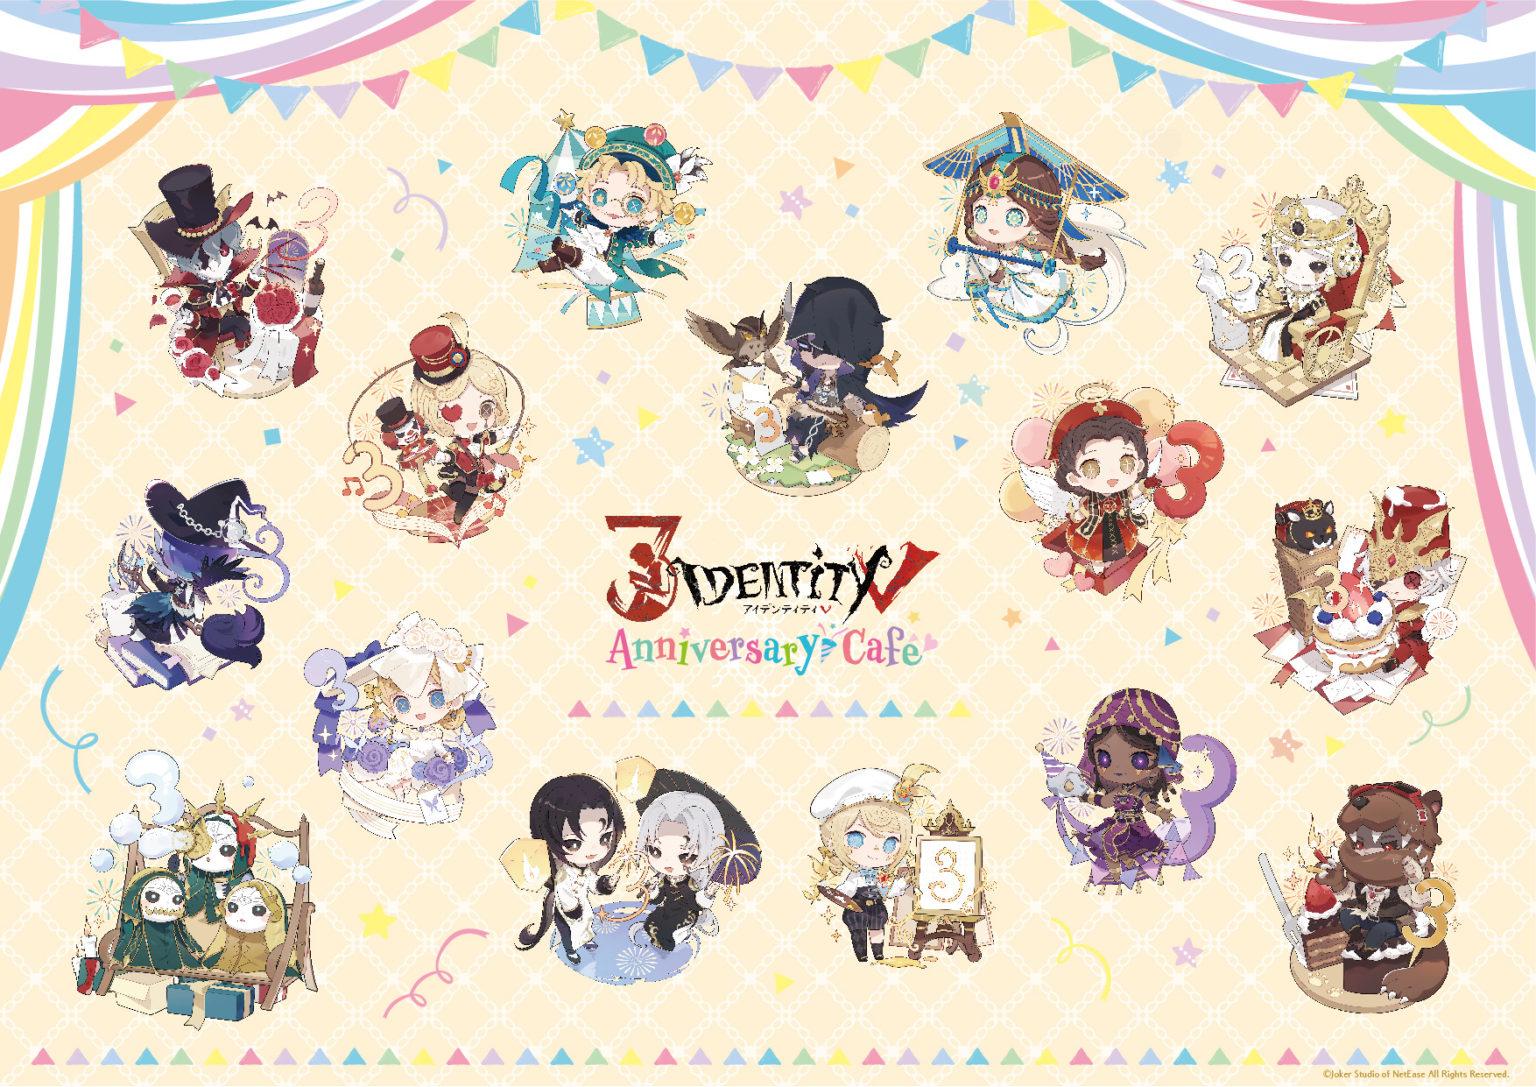 「第五人格」常設カフェ第2弾は「3rd Anniversary Cafe」メニュー詳細が解禁!